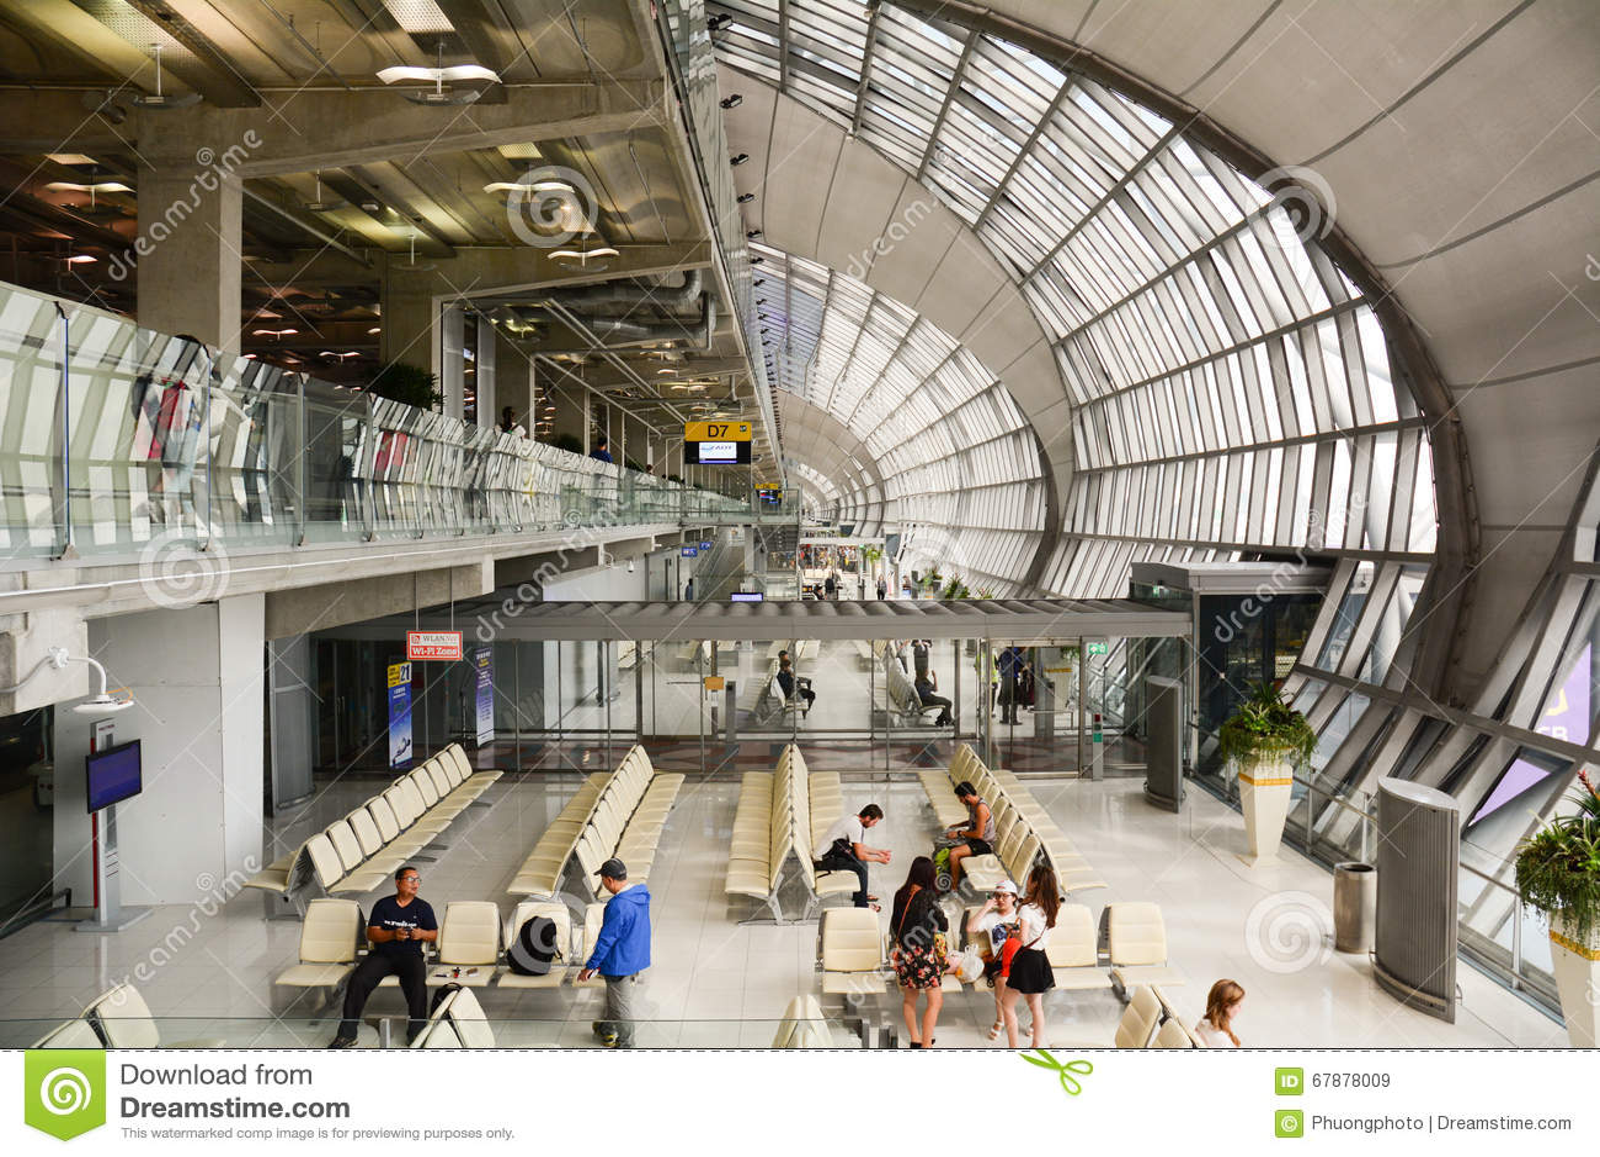 素万那普机场内部